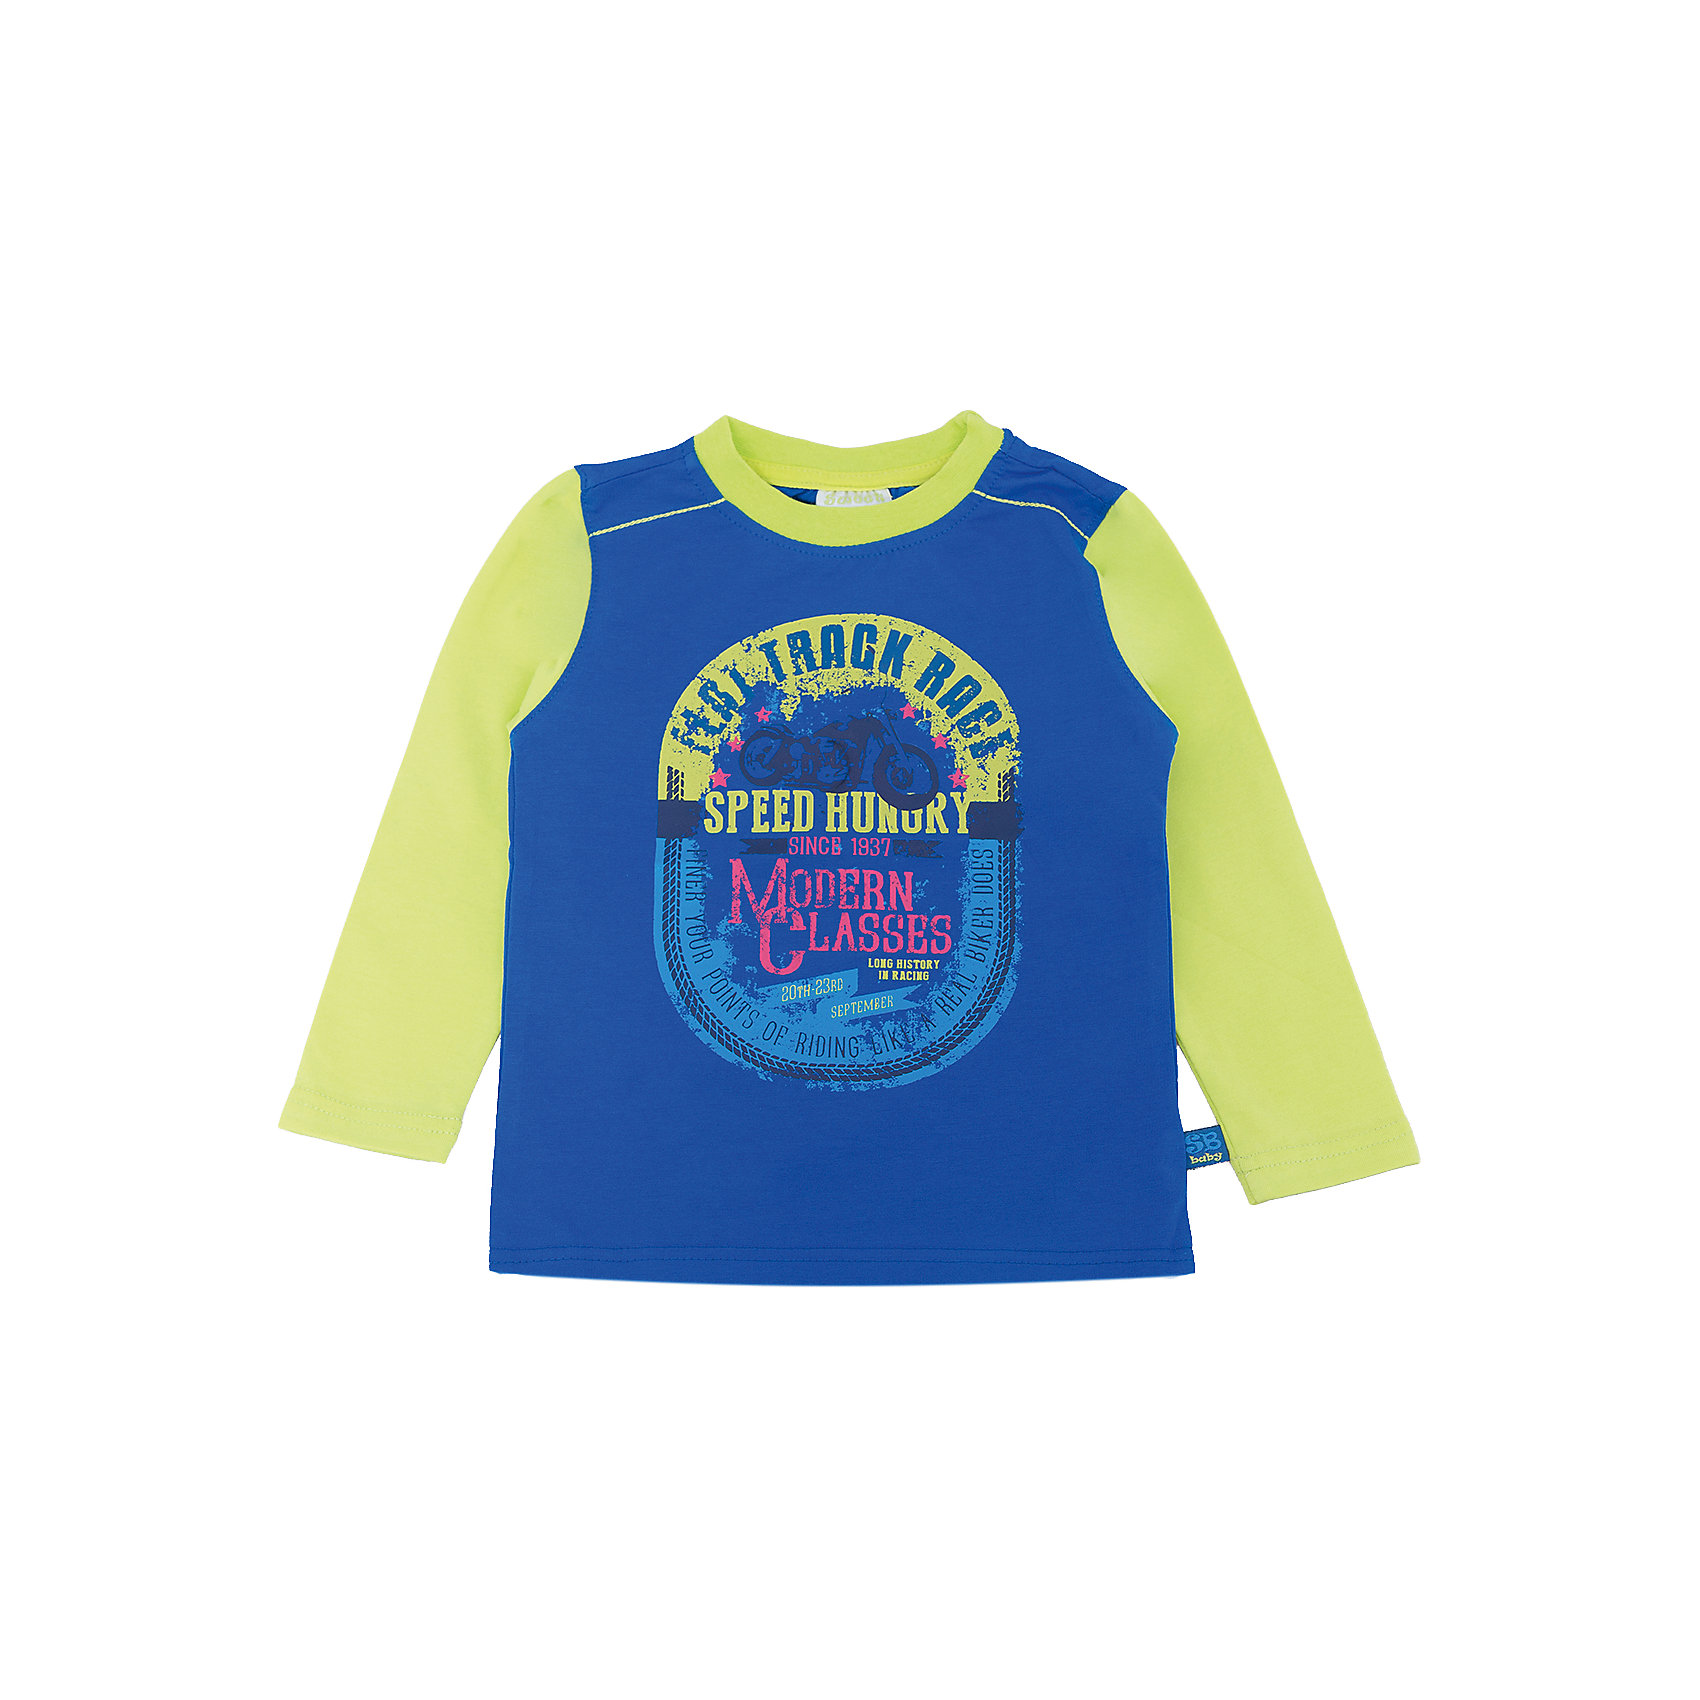 Футболка с длинным рукавом для мальчика Sweet BerryТакая футболка с длинным рукавом для мальчика отличается модным дизайном с ярким принтом. Удачный крой обеспечит ребенку комфорт и тепло. Горловина изделия обработана мягкой резинкой, поэтому вещь плотно прилегает к телу там, где нужно, и отлично сидит по фигуре.<br>Одежда от бренда Sweet Berry - это простой и выгодный способ одеть ребенка удобно и стильно. Всё изделия тщательно проработаны: швы - прочные, материал - качественный, фурнитура - подобранная специально для детей. <br><br>Дополнительная информация:<br><br>цвет: синий;<br>материал: 95% хлопок, 5% эластан;<br>декорирована принтом.<br><br>Футболку с длинным рукавом для мальчика от бренда Sweet Berry можно купить в нашем интернет-магазине.<br><br>Ширина мм: 230<br>Глубина мм: 40<br>Высота мм: 220<br>Вес г: 250<br>Цвет: синий<br>Возраст от месяцев: 18<br>Возраст до месяцев: 24<br>Пол: Мужской<br>Возраст: Детский<br>Размер: 92,98,80,86<br>SKU: 4929892